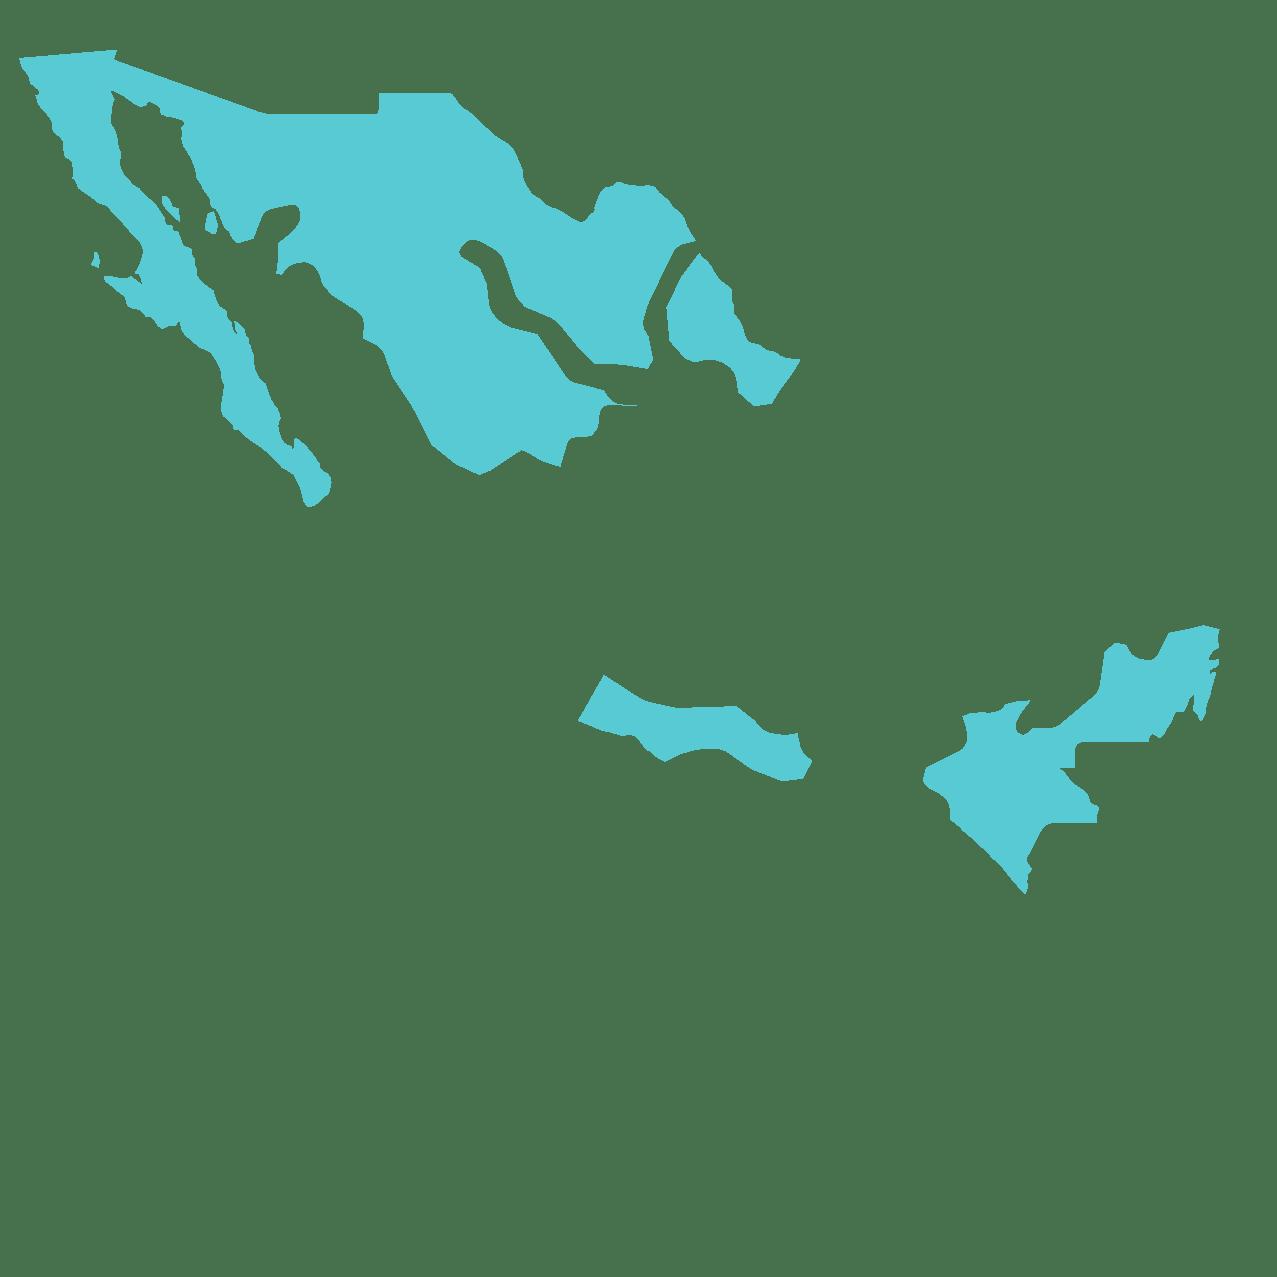 Espace Mexicain résistant à la conquête